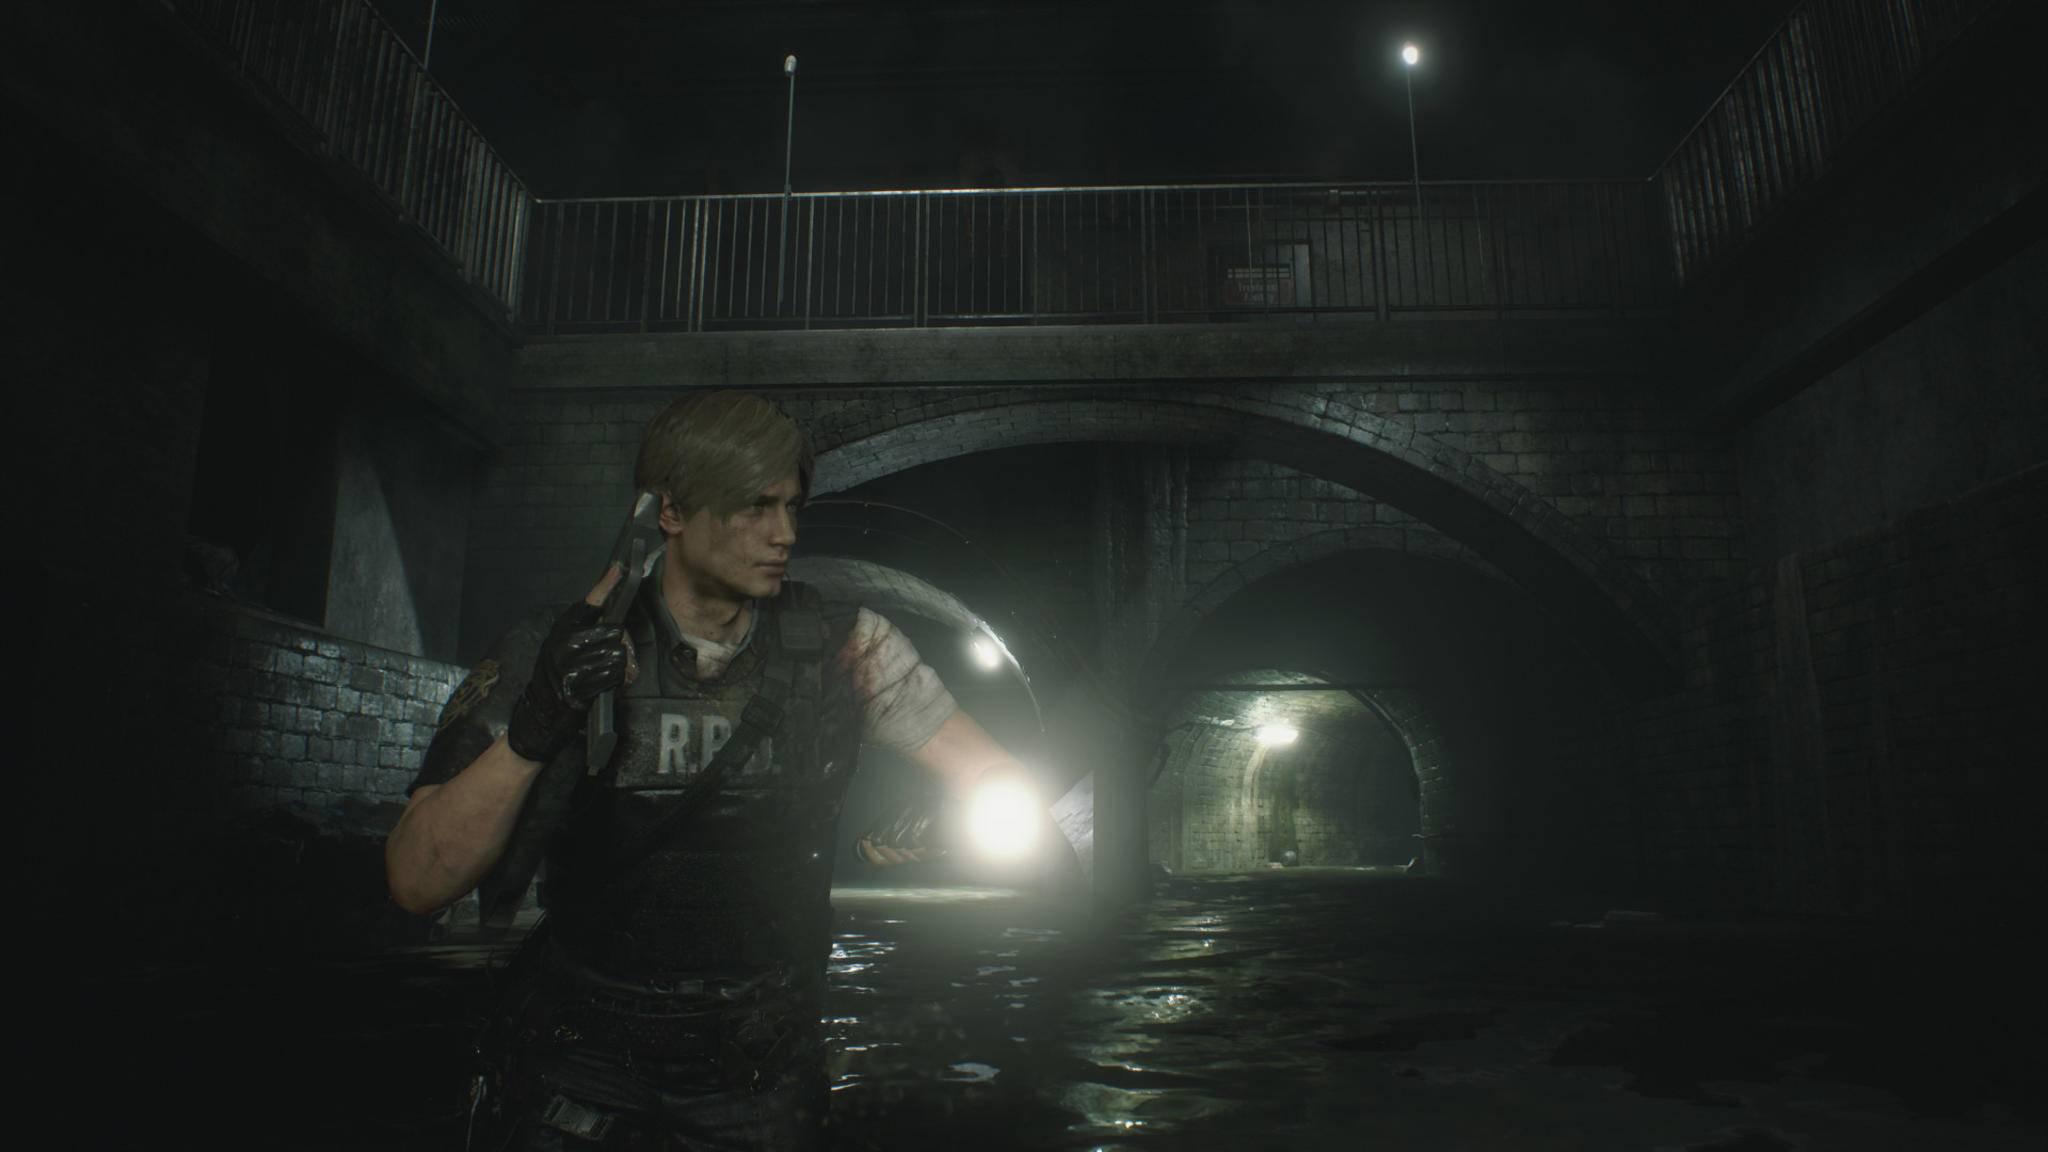 Trotz Taschenlampe: Leon kann den Herz-Schlüssel lange suchen!